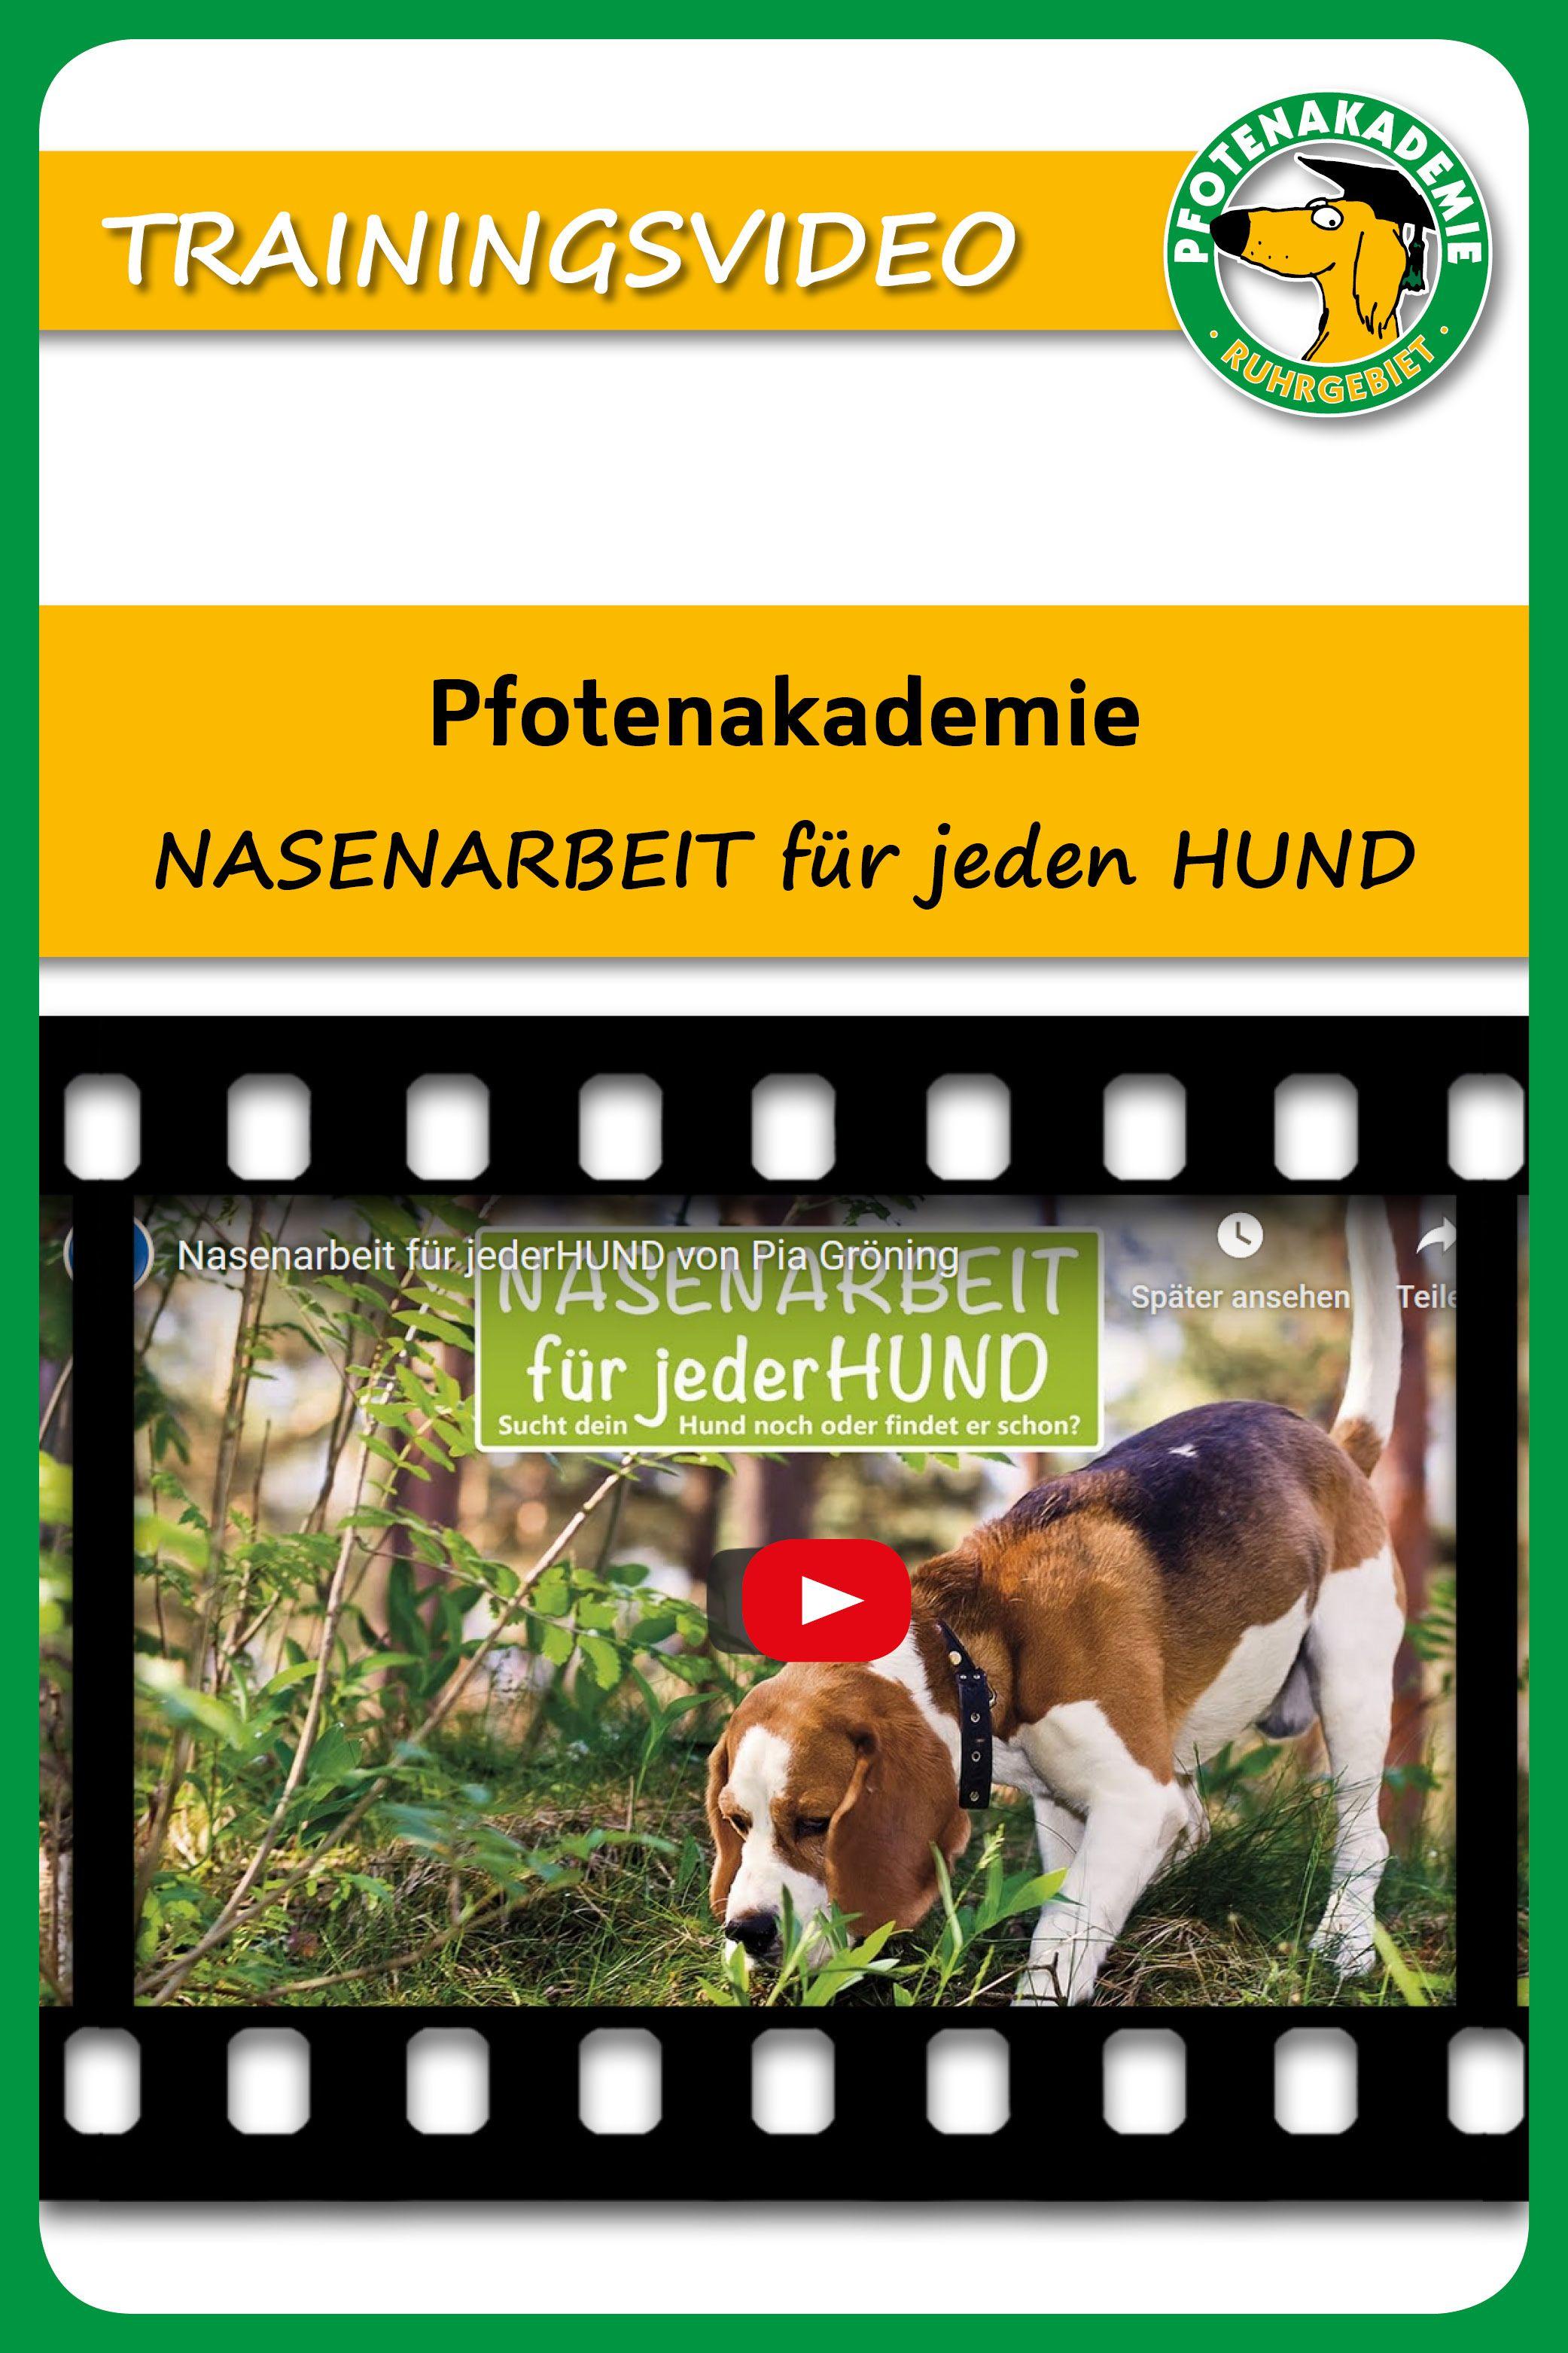 Spass Beschaftigung Hab Eine Tolle Zeit Mit Deinem Hund Pia Groning Hunde Fahrtensuche Hundchen Training